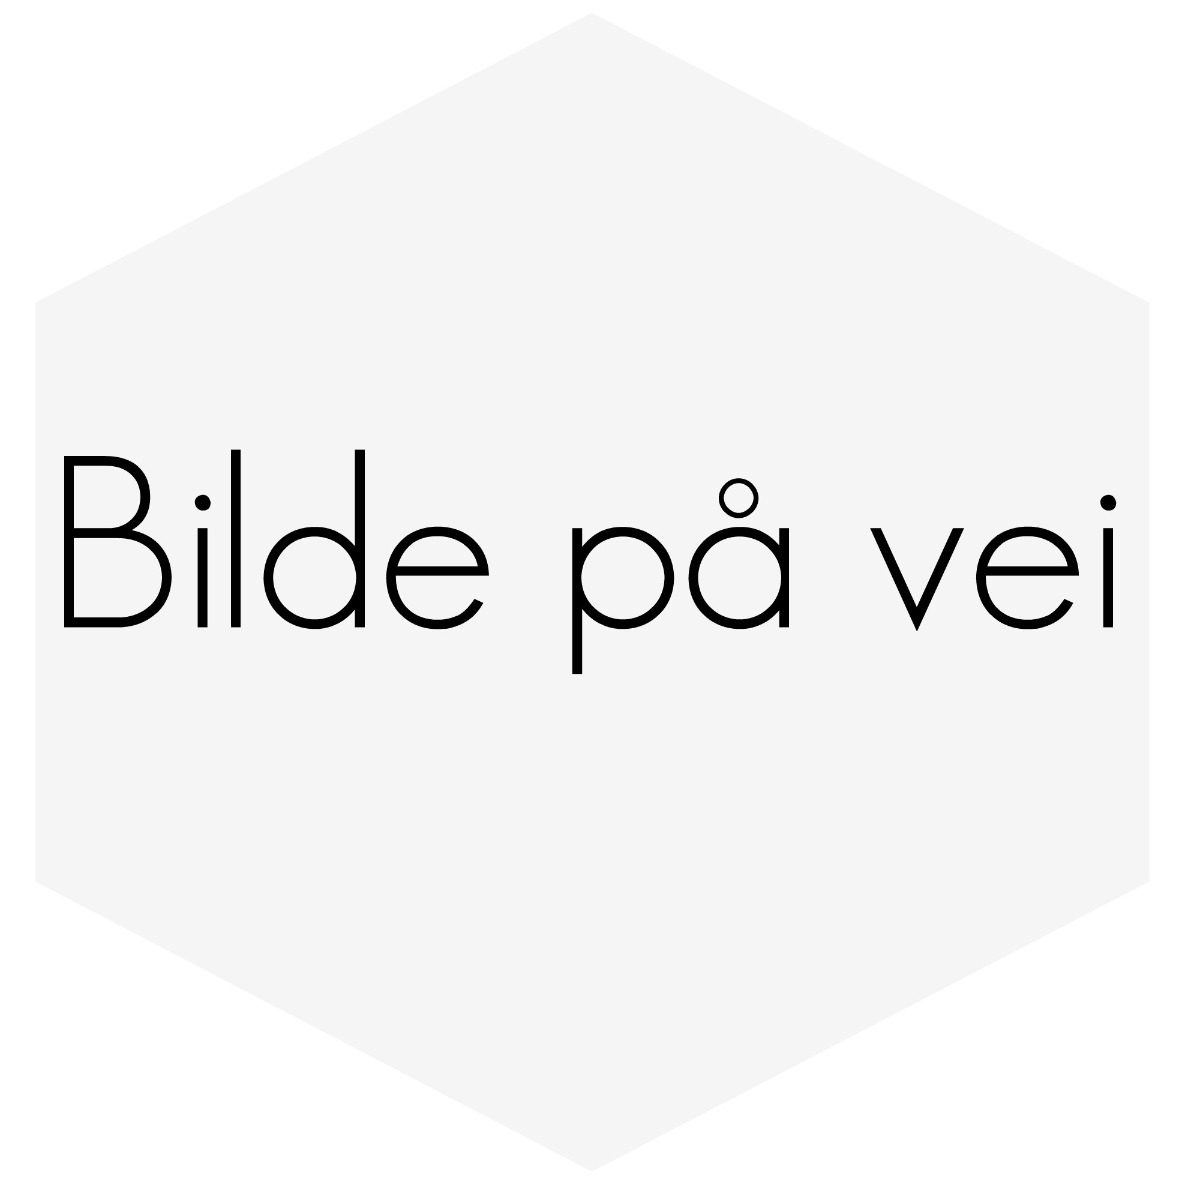 SPOILER PÅ TAK 740 SEDAN / 744 GRUNNET I FIN KVALITET